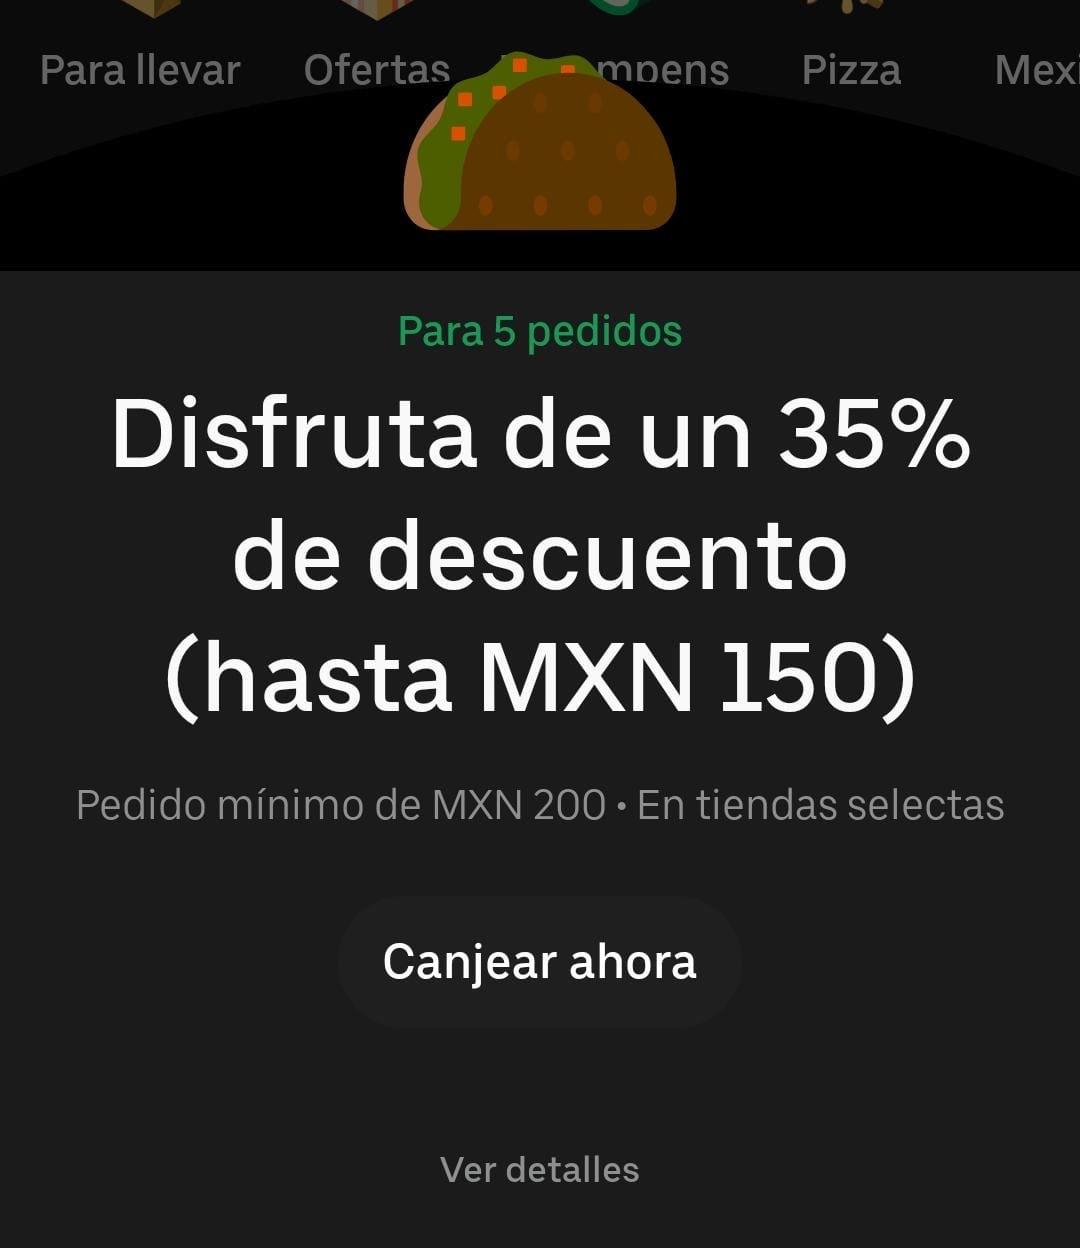 Uber Eats: 45/35/25% off para 5 ordenes (usuarios seleccionados)